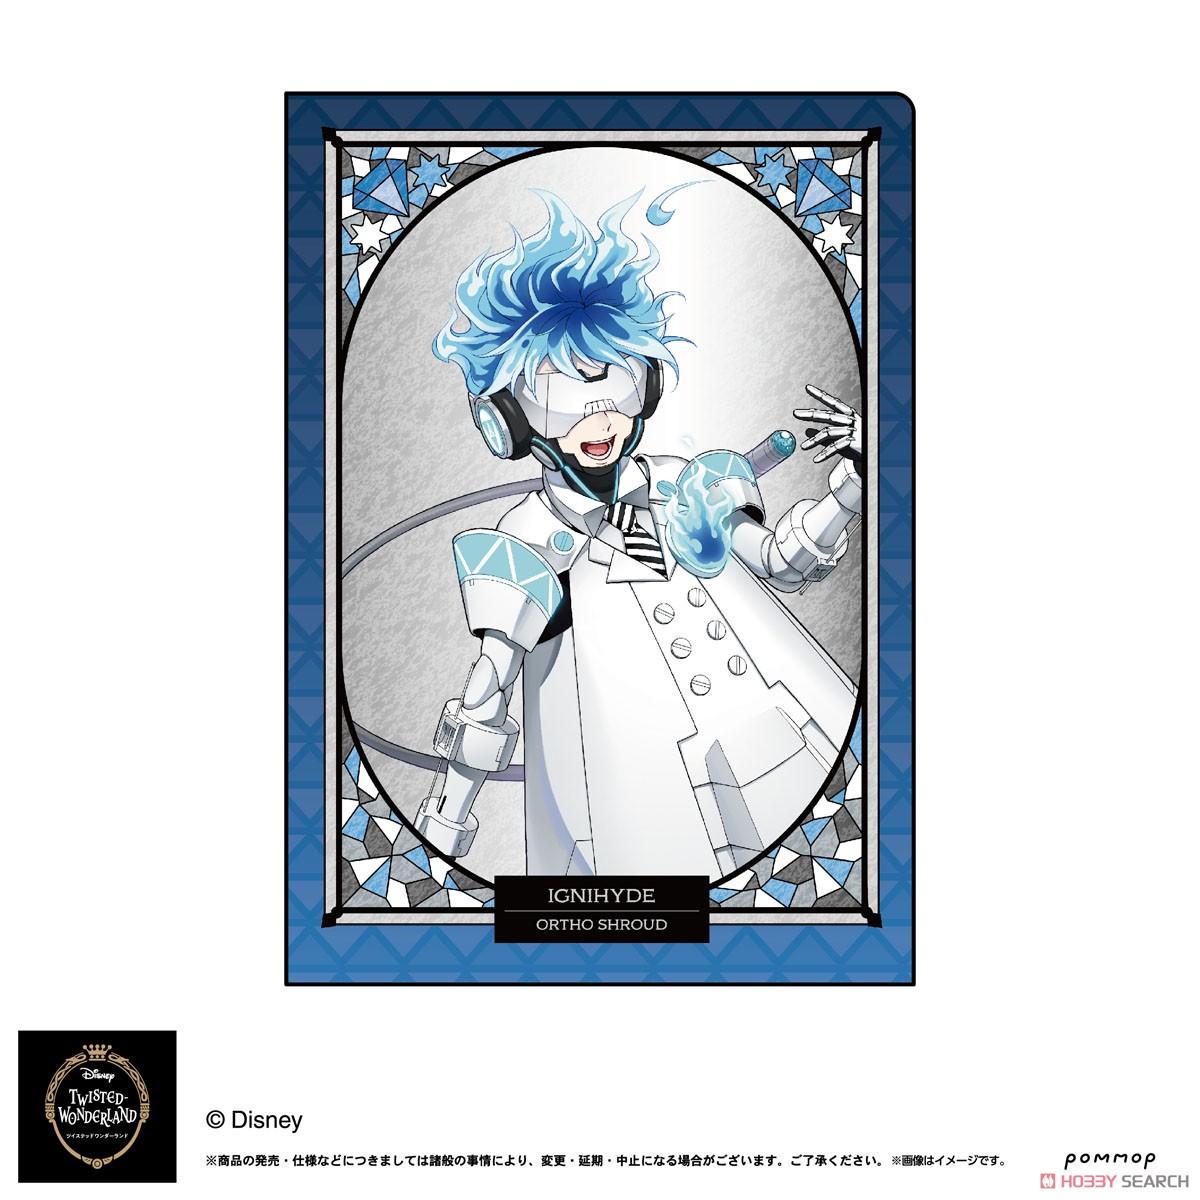 ディズニー ツイステッドワンダーランド『A5ダブルクリアファイルコレクション A』11個入りBOX-020